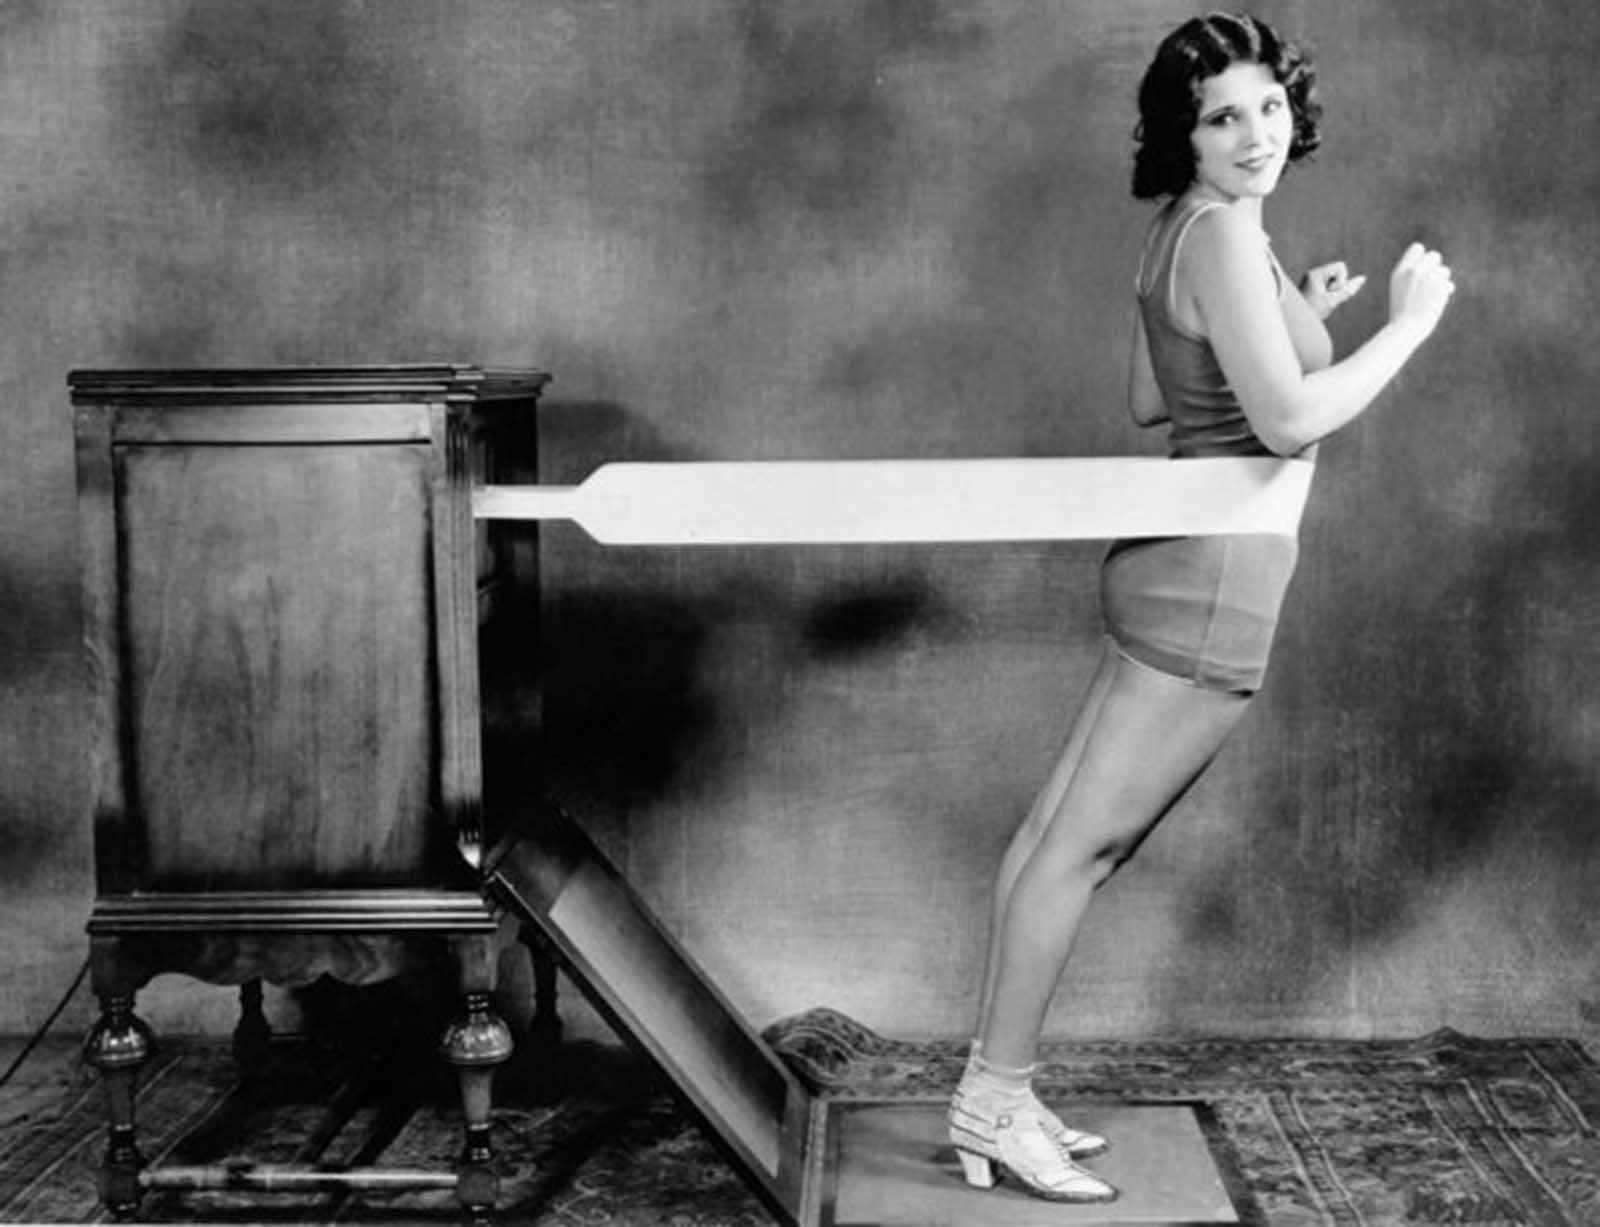 La nueva 'máquina de masaje de cadera' de los Estados Unidos, circa 1928.